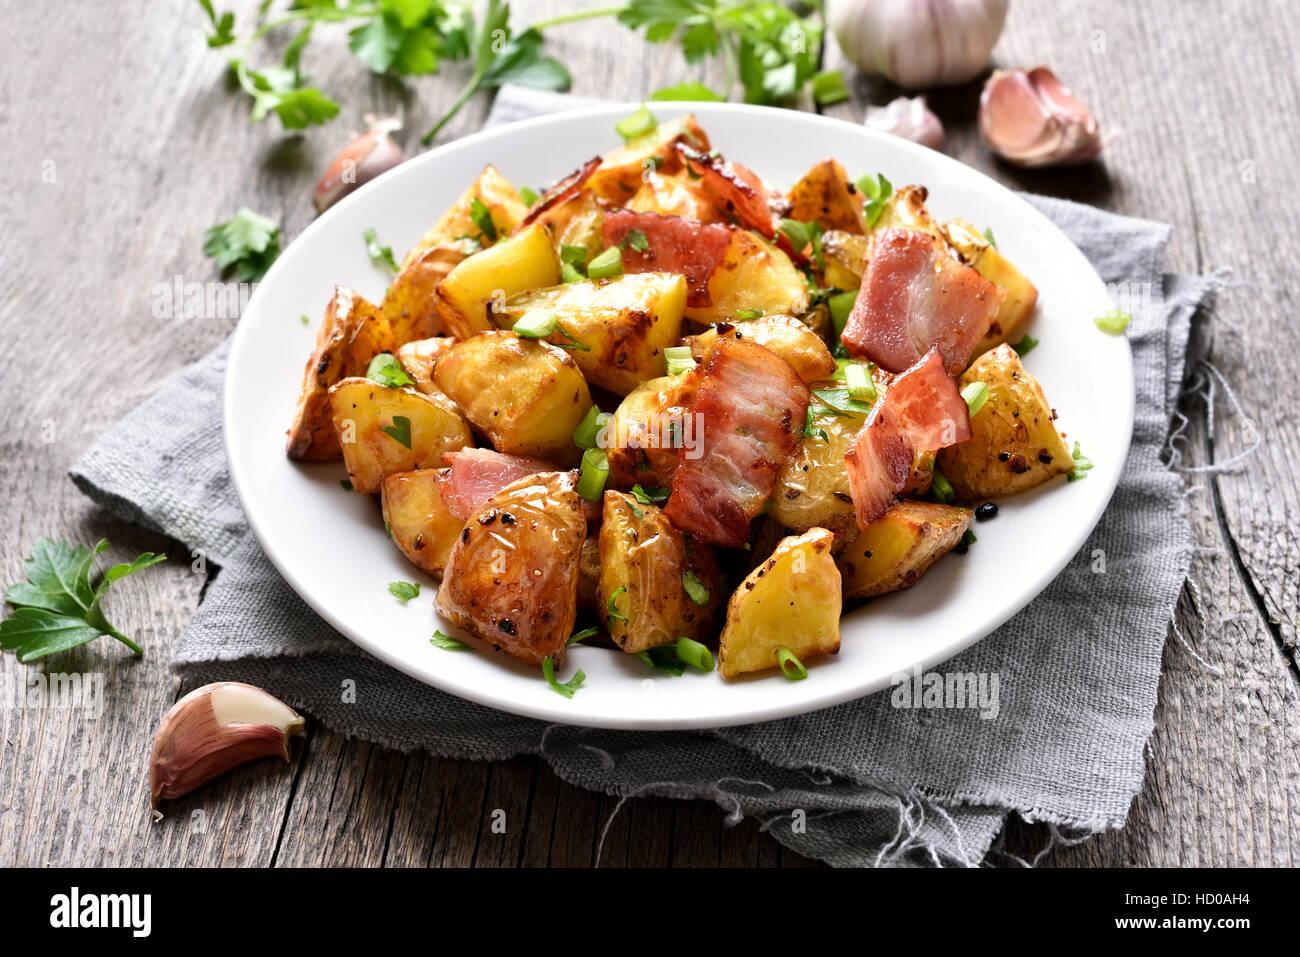 Patate arrosto con pancetta e cipolla verde sulla piastra Immagini Stock